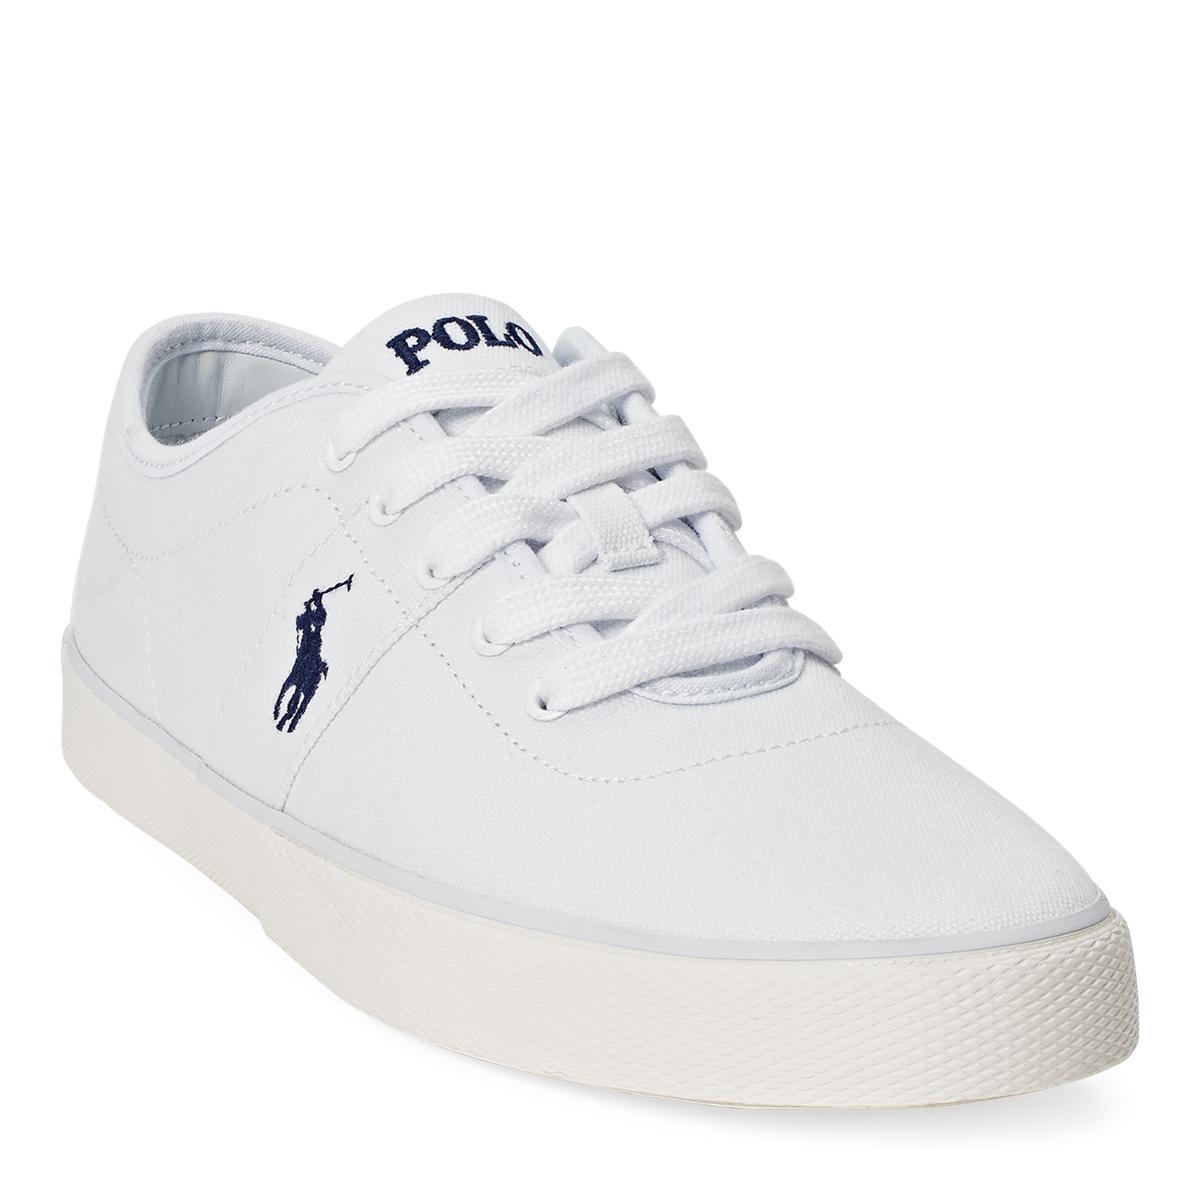 Uk Low Canvas SneakerRalph Halford Lauren Top 8Ok0wXPNn